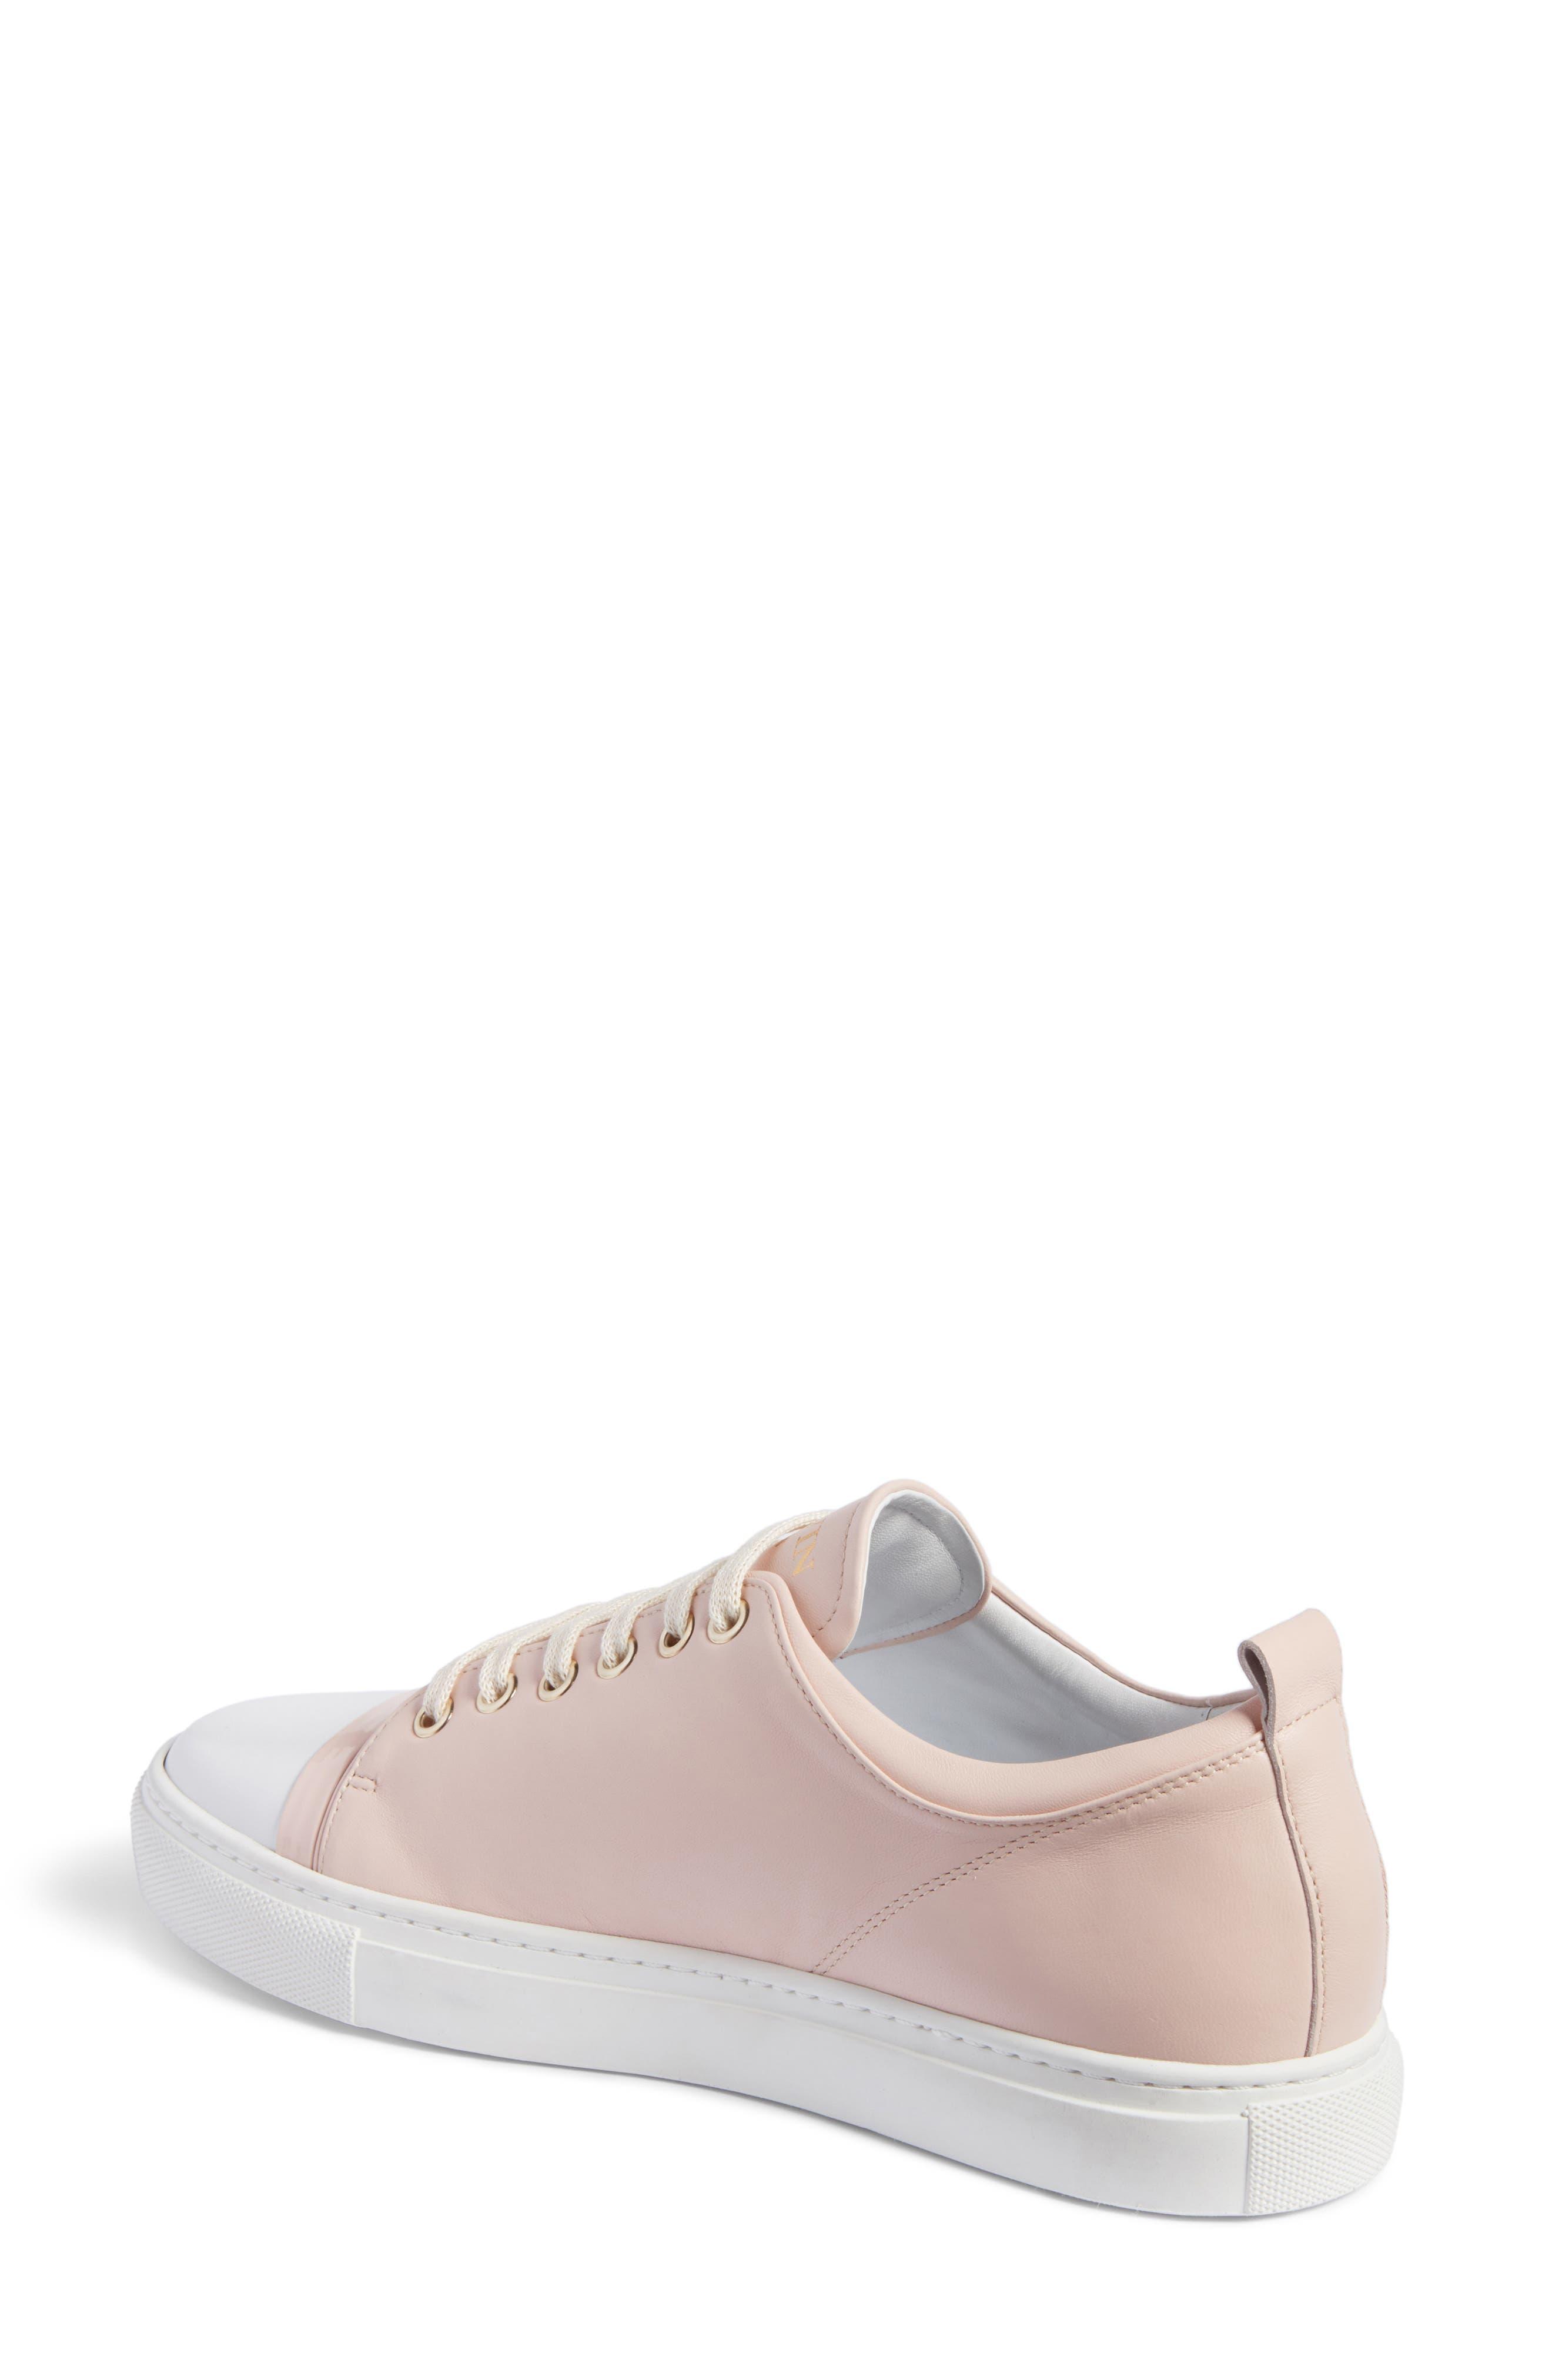 Low Top Sneaker,                             Alternate thumbnail 2, color,                             650